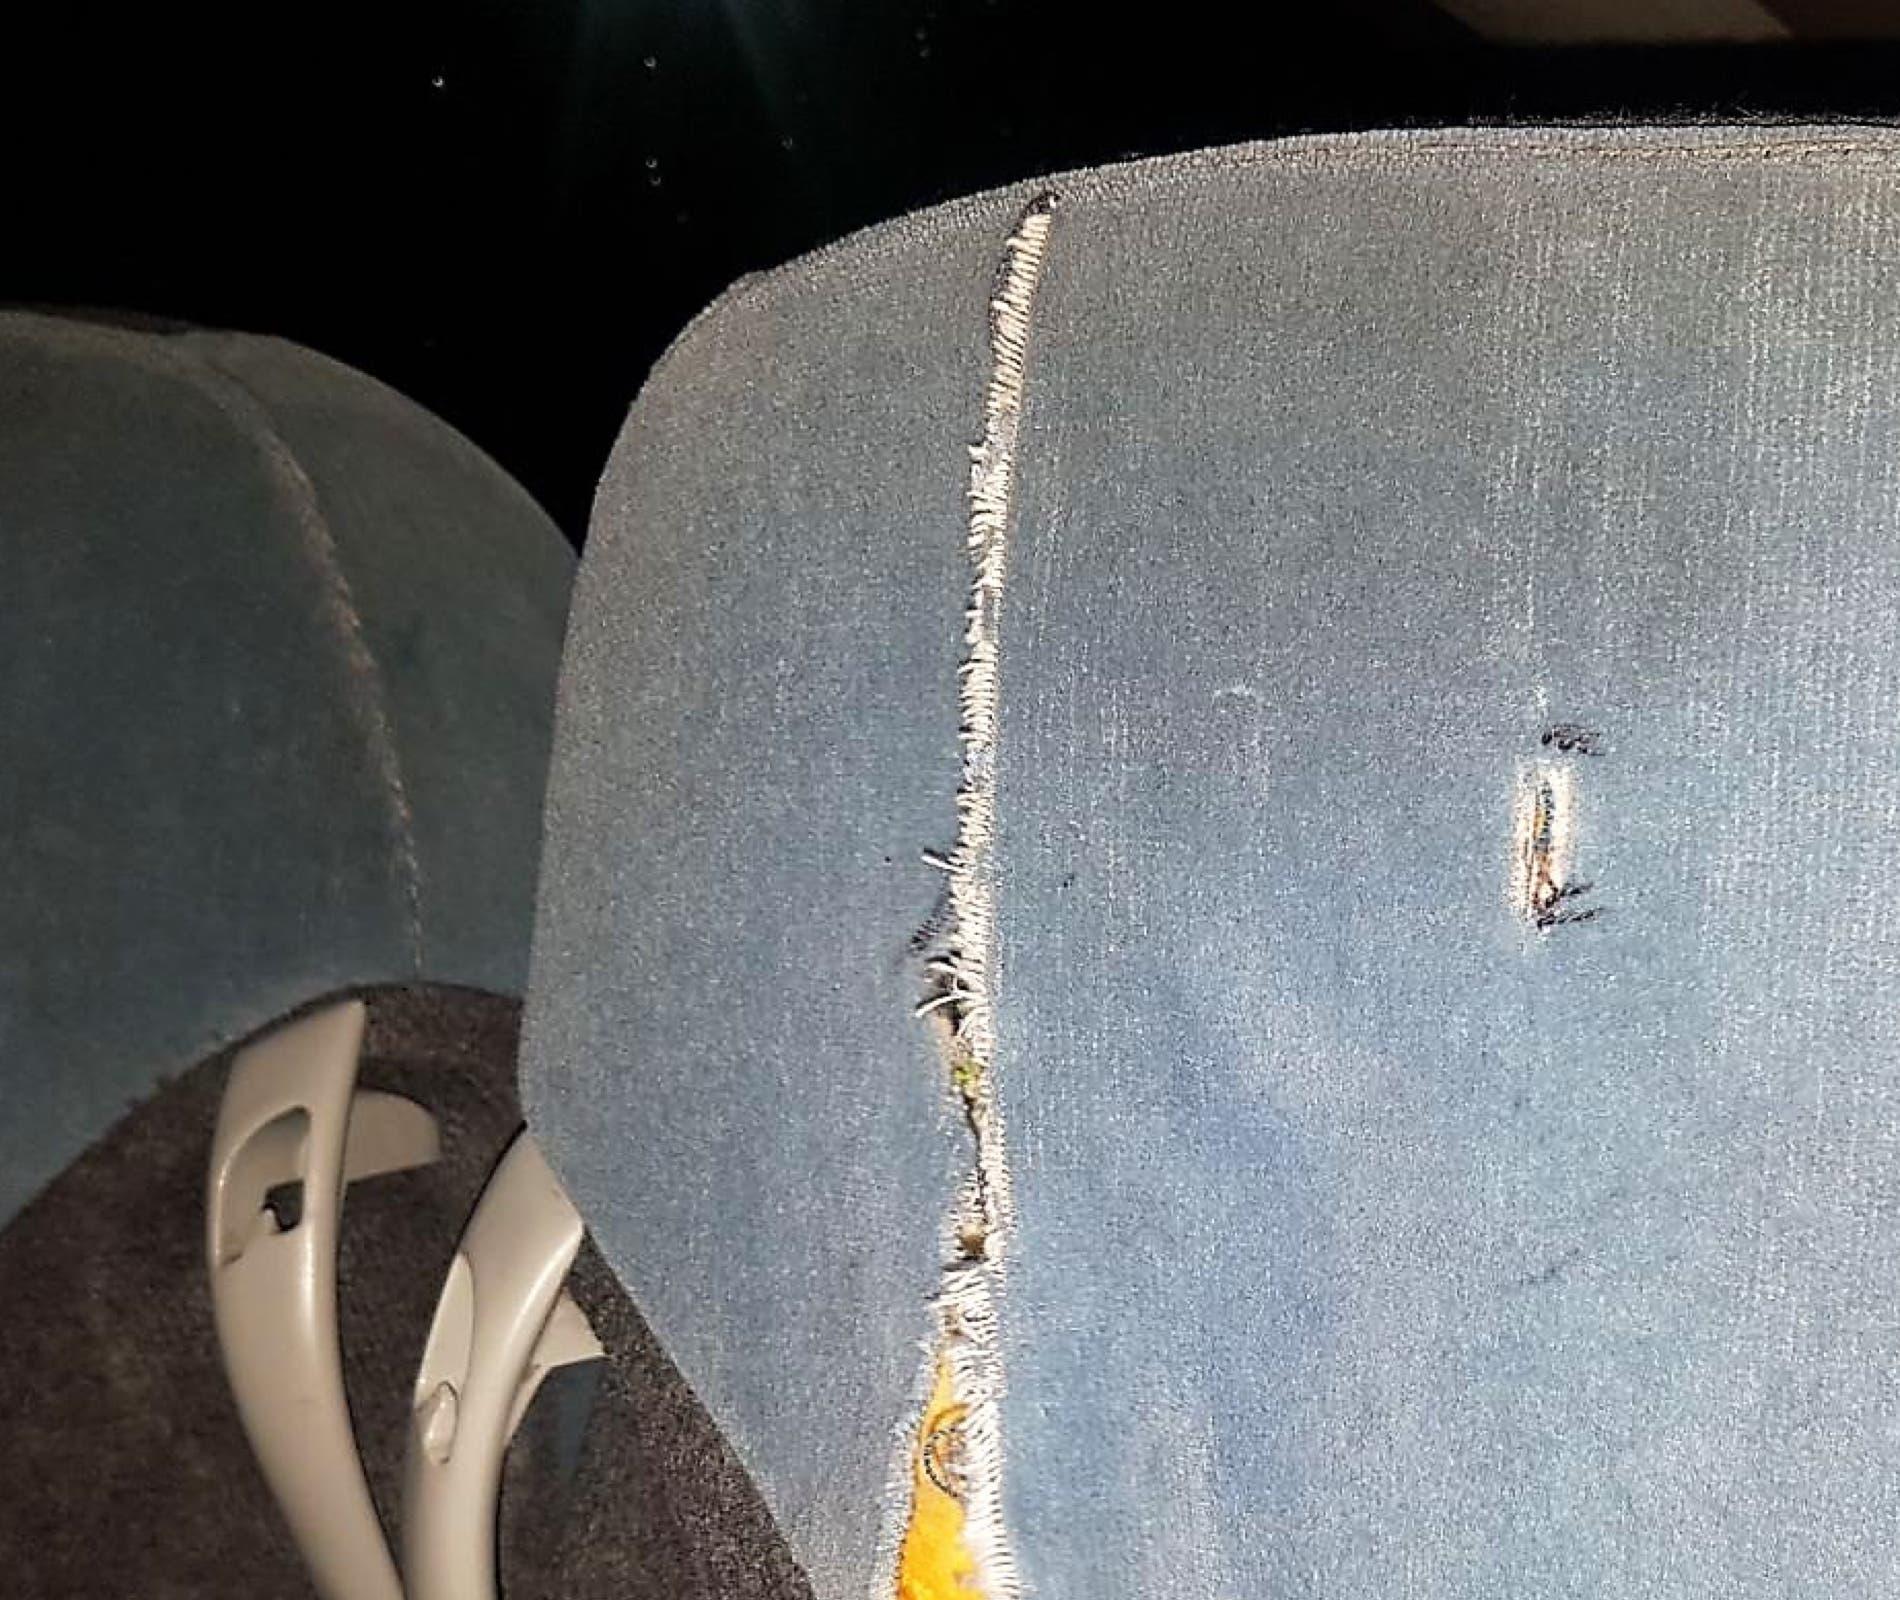 Daños en los asientos del autobús (Ayto. de Velilla).